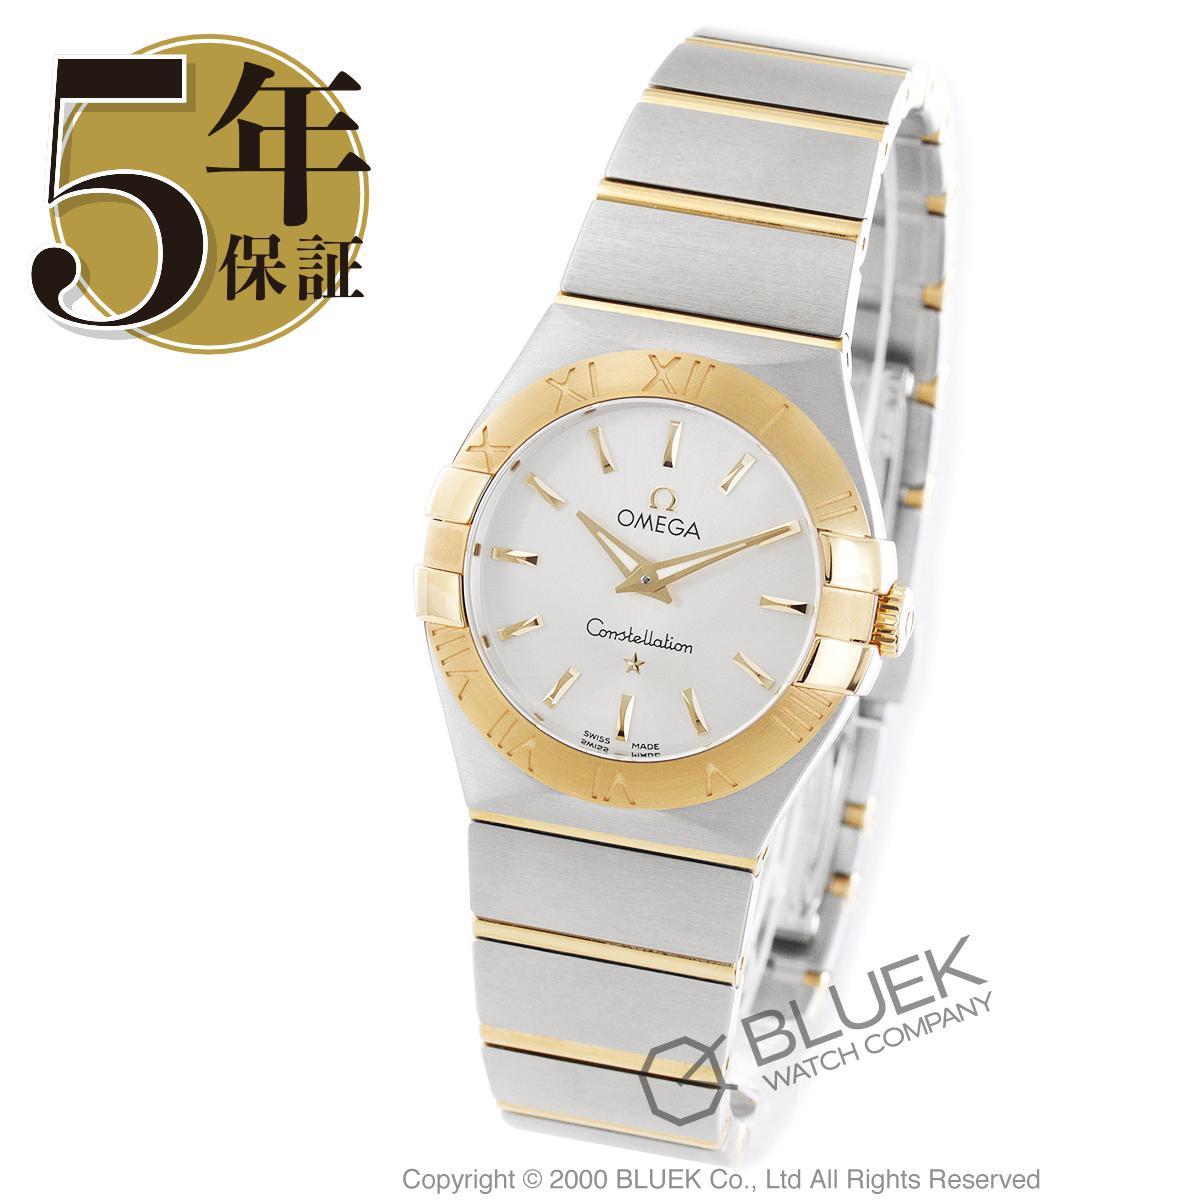 腕時計, レディース腕時計  OMEGA 123.20.27.60.02.0025